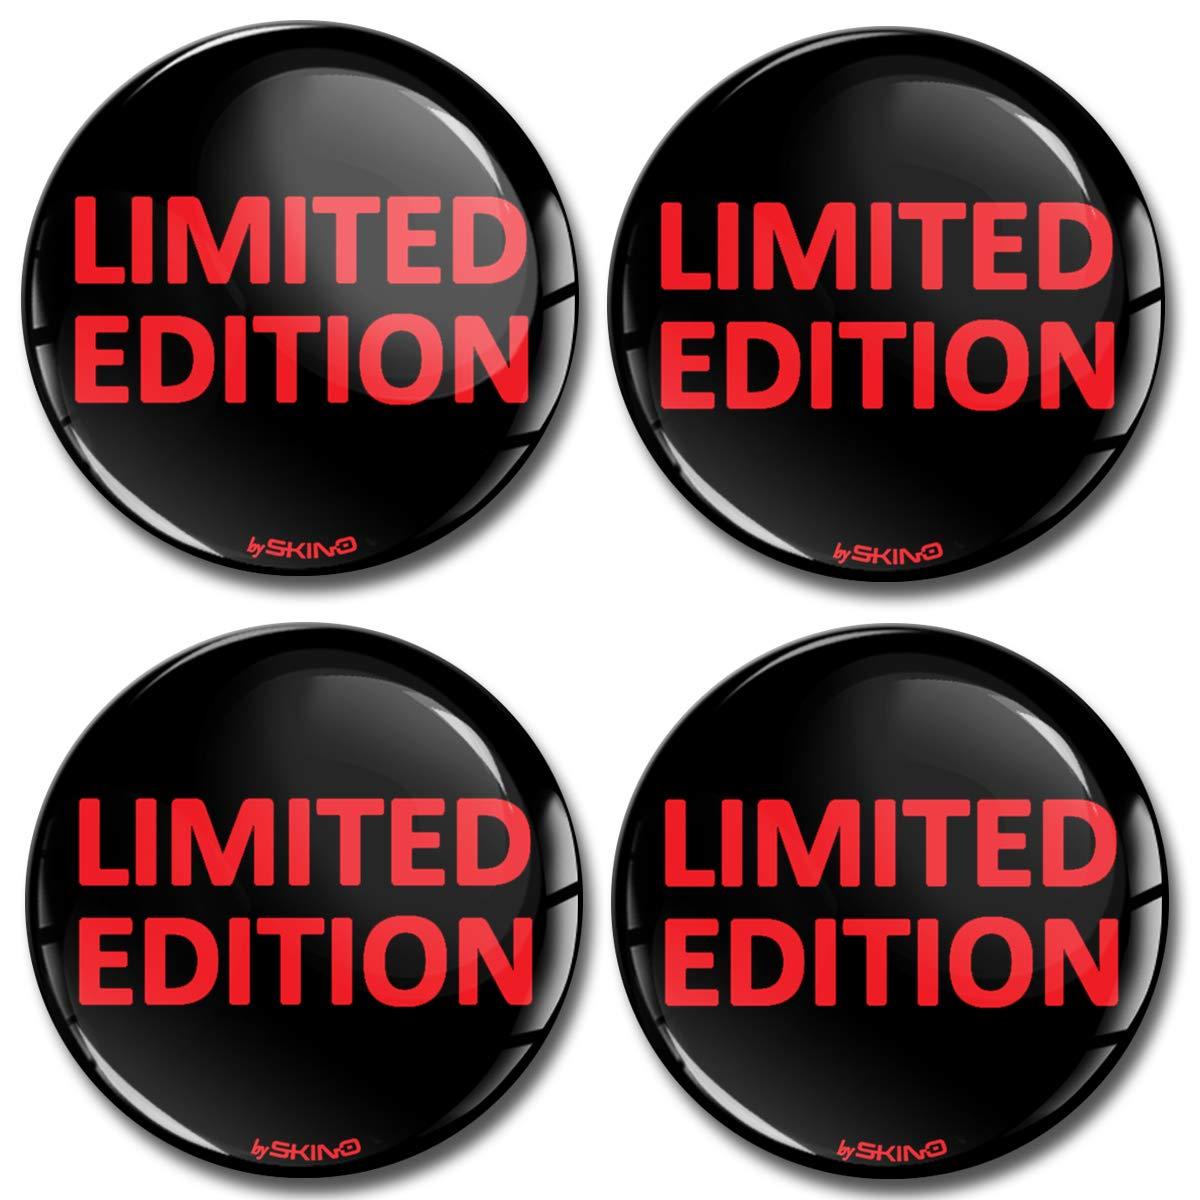 Skino 4 x 50mm Adesivi Resinati 3D Gel Stickers Auto Coprimozzi Logo Silicone Autoadesivo Stemma Adesivo Copricerchi Tappi Ruote Limited Edition Rosso A 6550